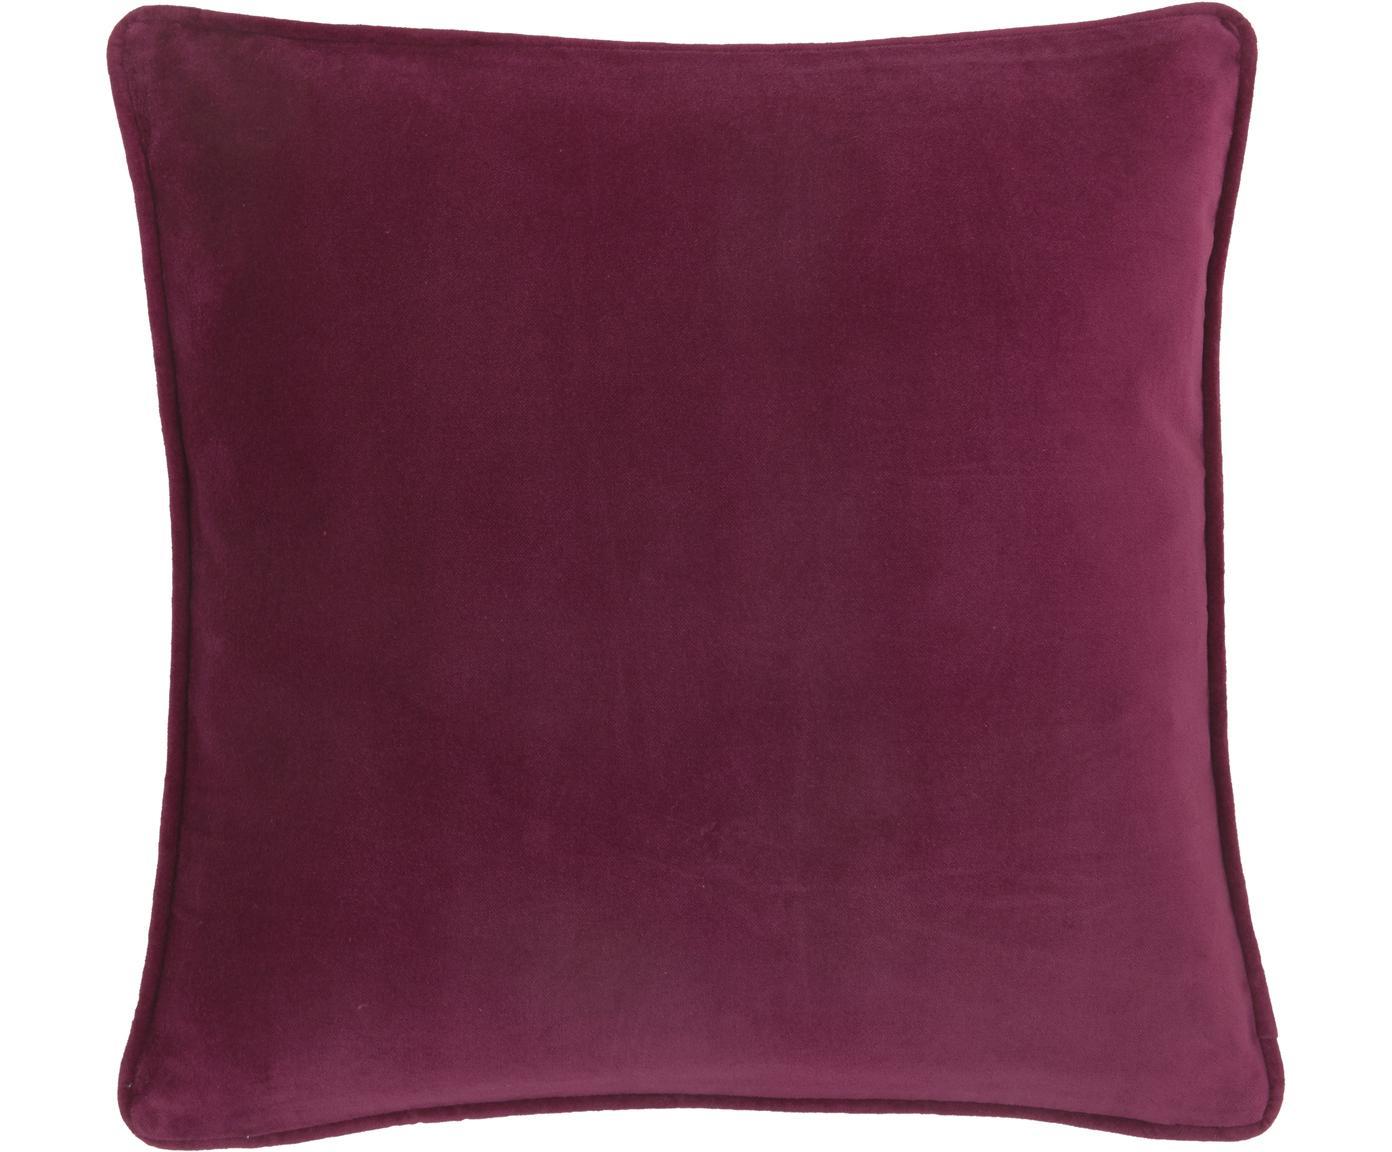 Funda de cojín de terciopelo Dana, Terciopelo de algodón, Color vino, An 40 x L 40 cm